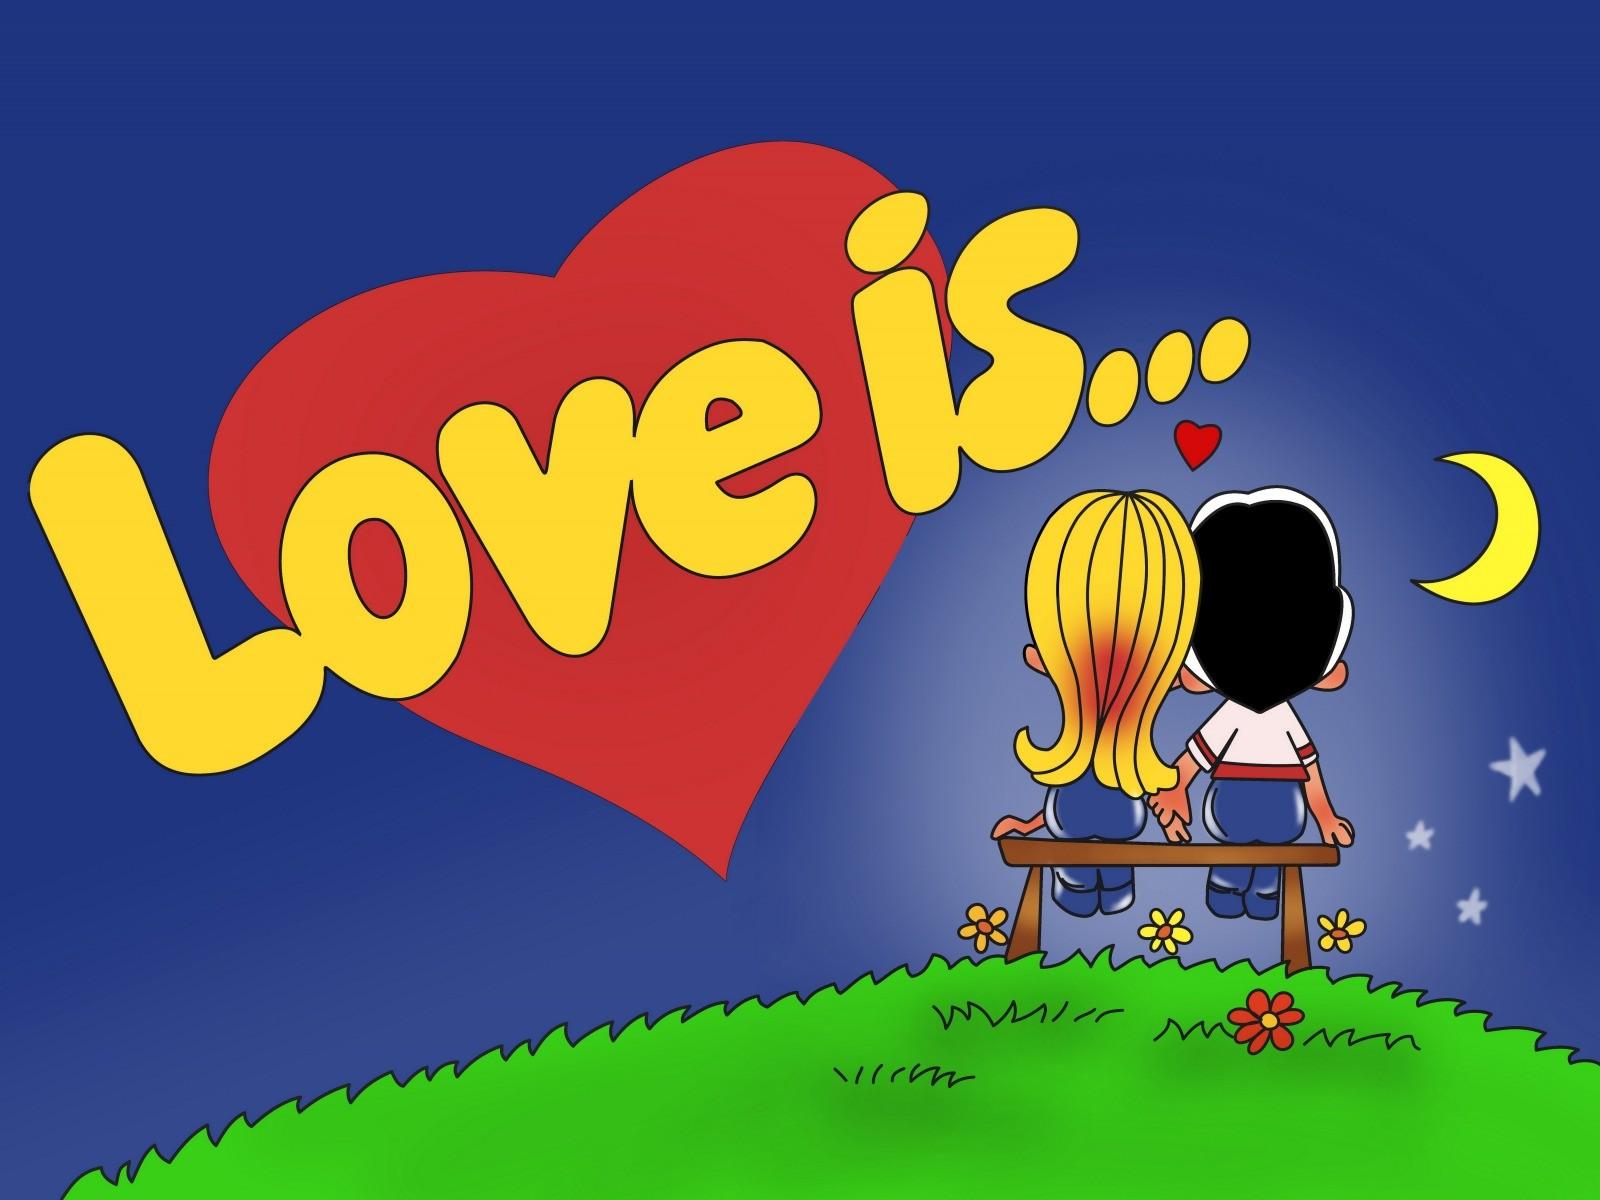 Love is — делаем уникальный вкладыш. Подбираем шрифт Love is